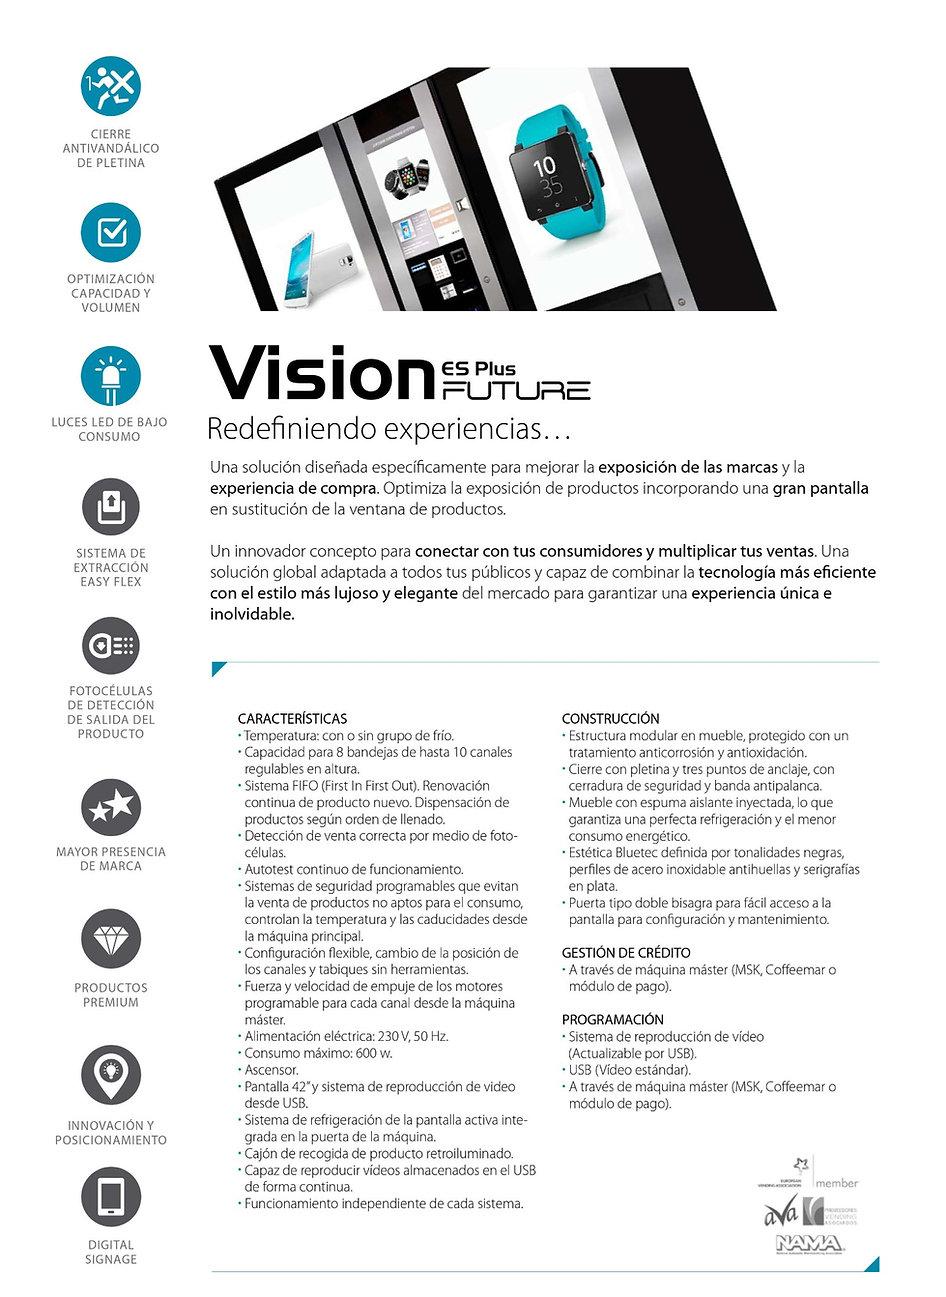 Vision ES Plus Future.jpg